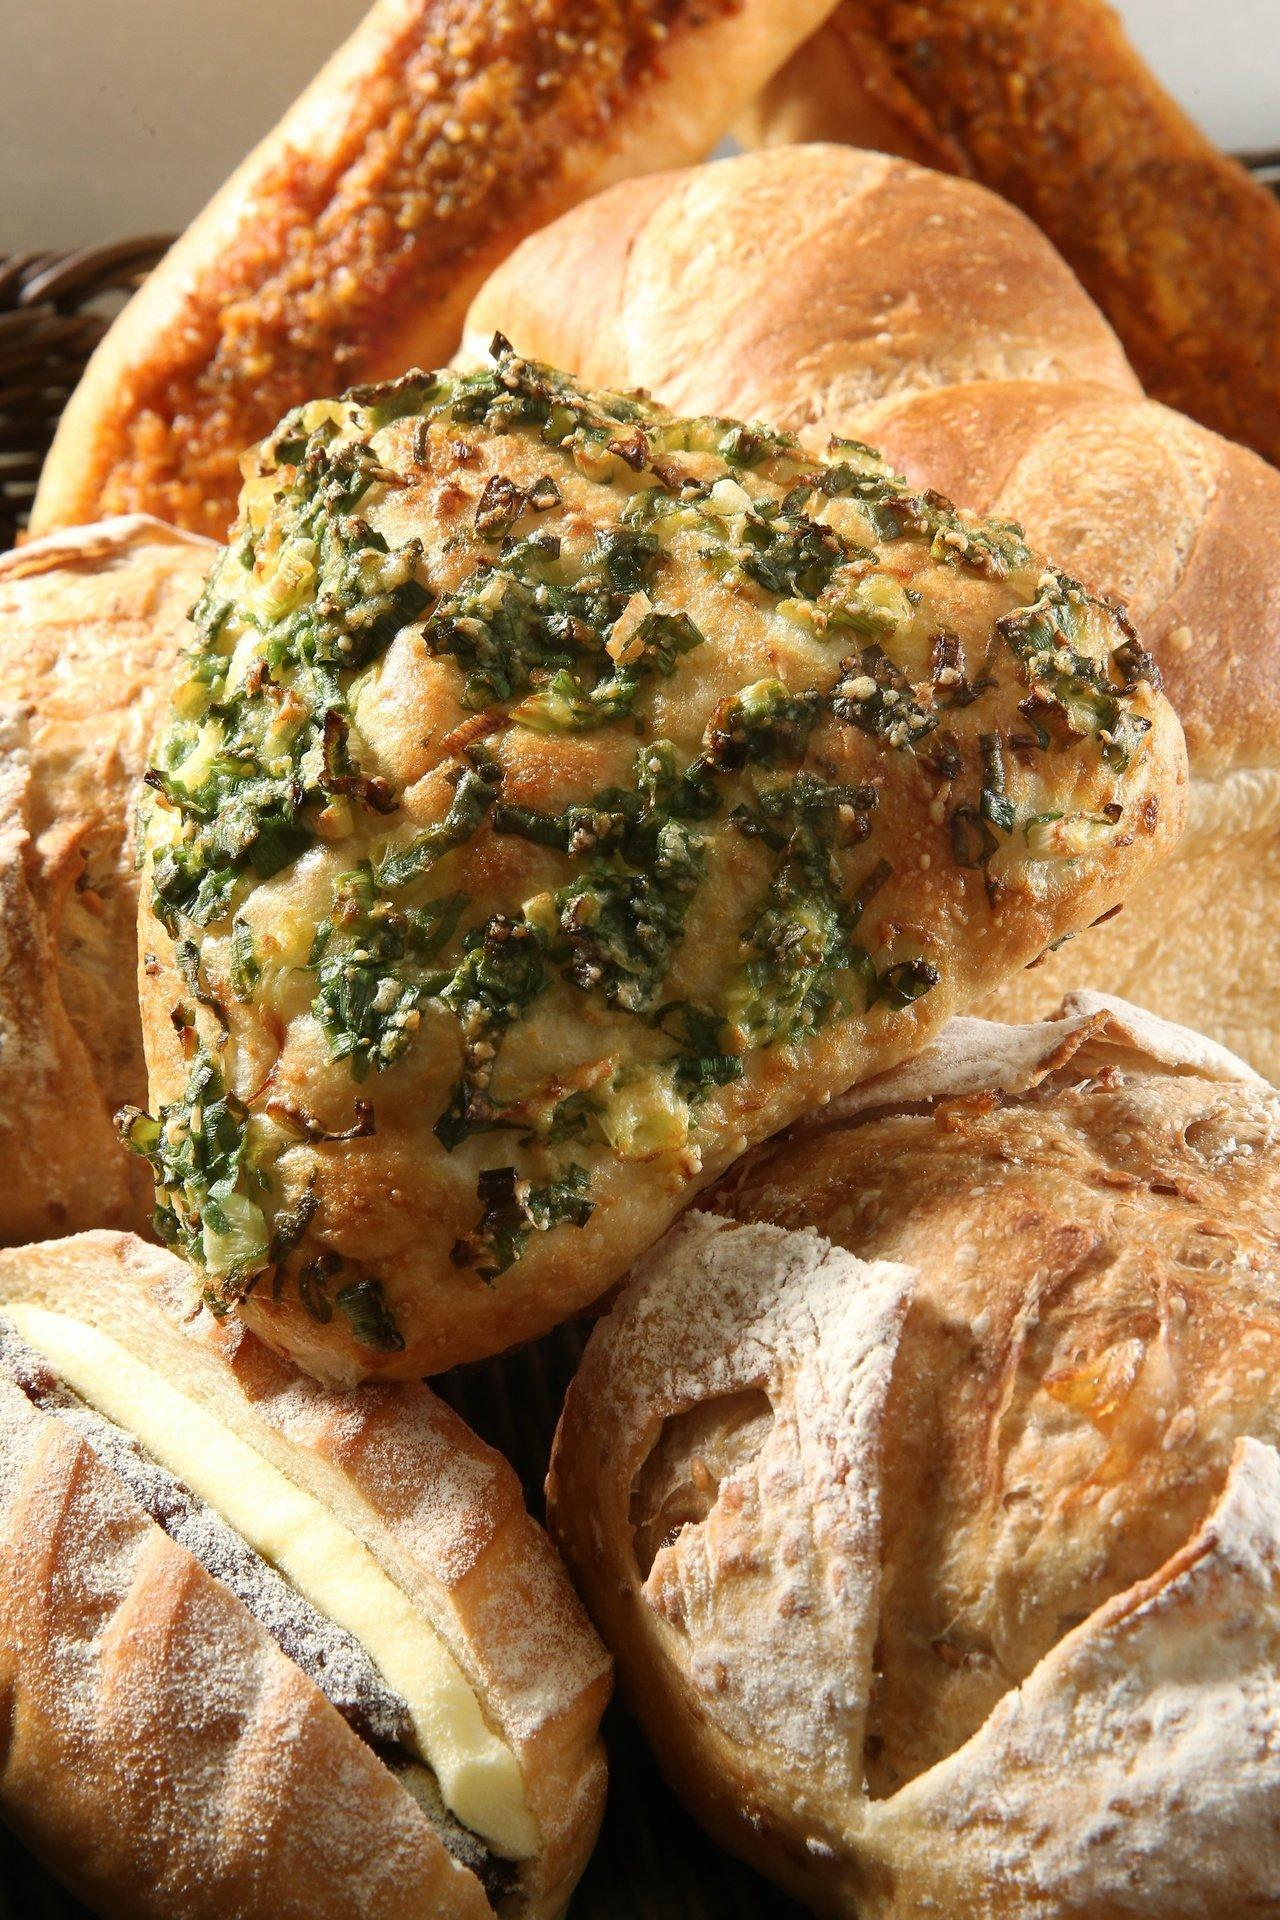 國賓麵包房林口店獨賣法式蔥餅,售價42元。記者陳立凱/攝影